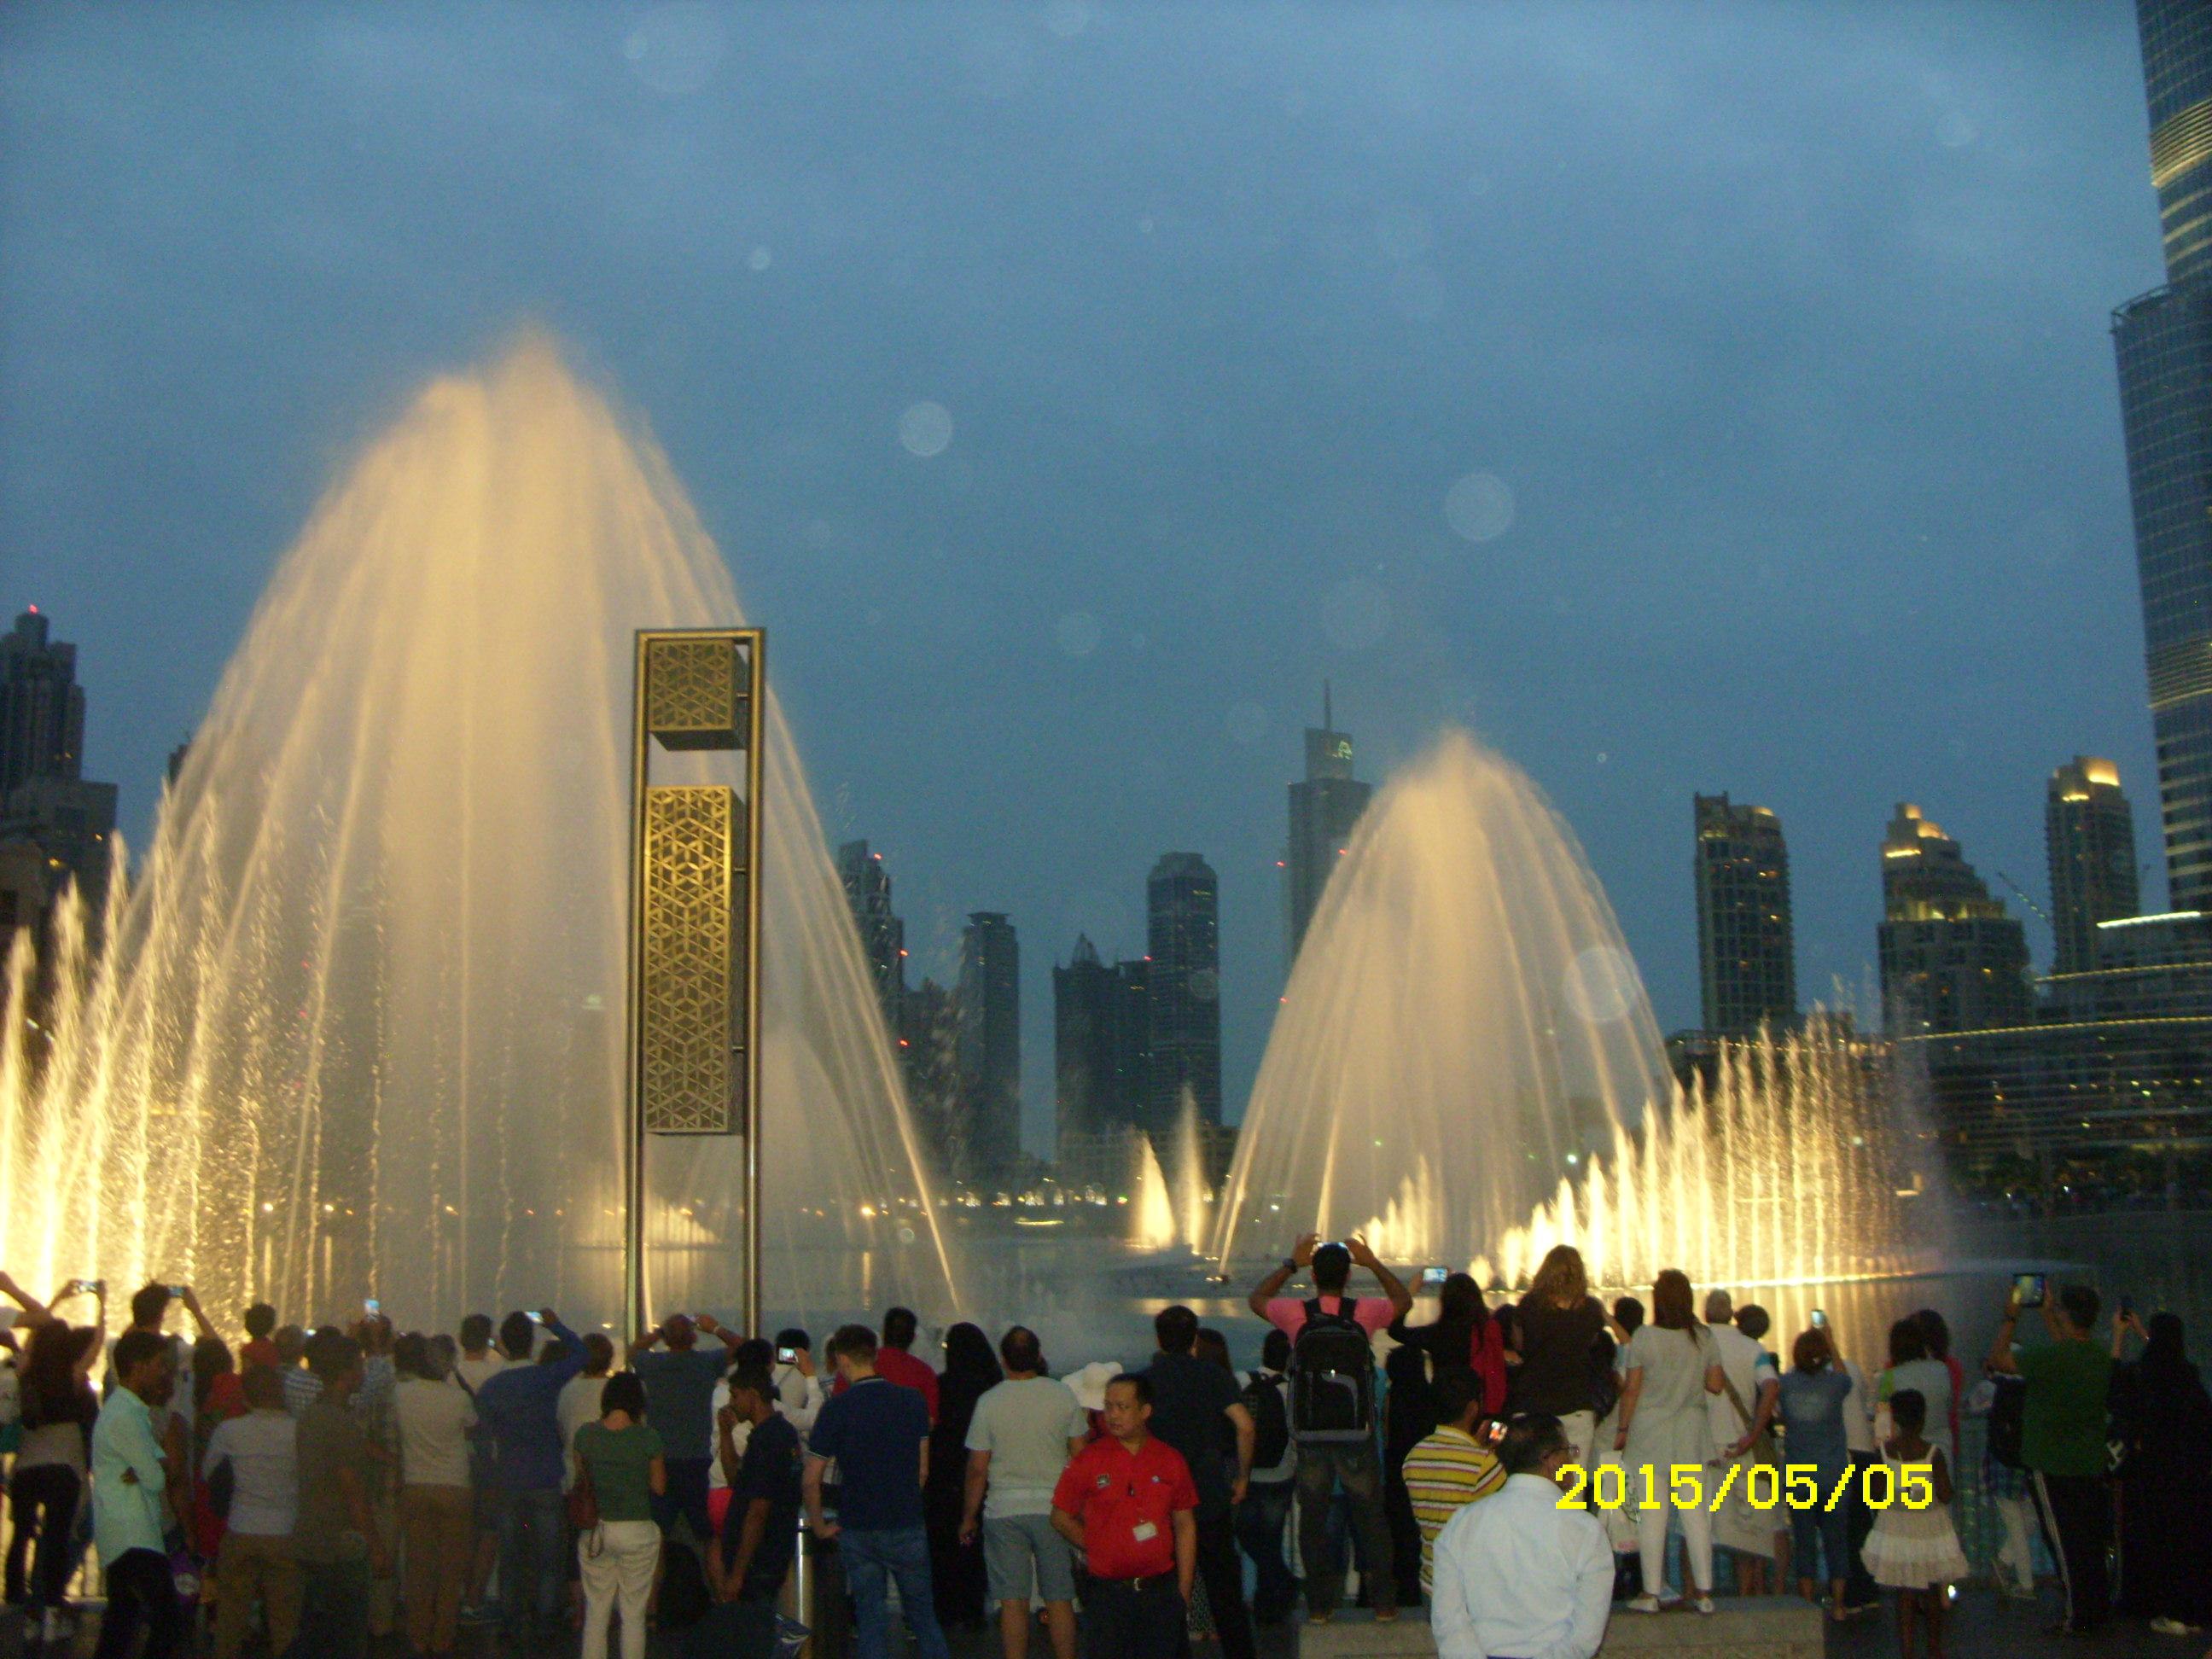 поющие фонтаны в Дубае. Блиц: фонтаны